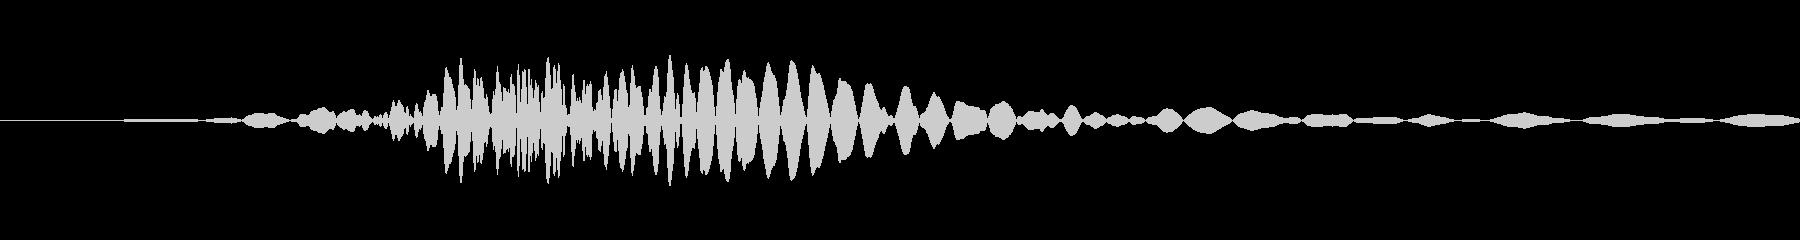 風を切った音の未再生の波形